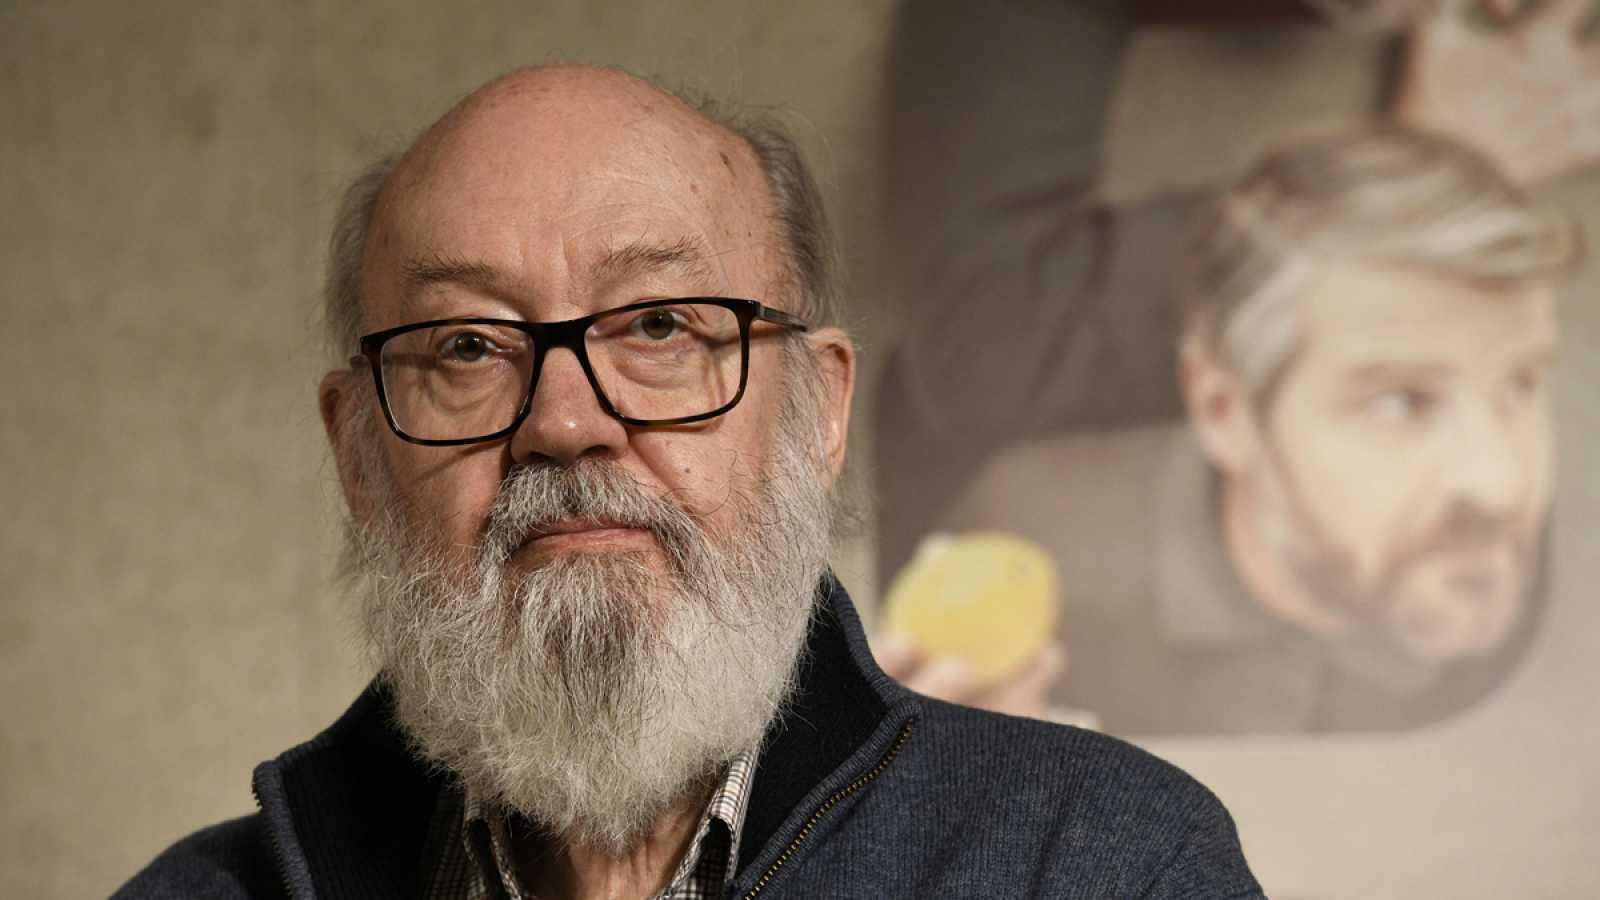 """Efecto Doppler - José Luis Cuerda y sus """"Panfletos contra la emoción y el audiovisual"""" - 24/02/21 - escuchar ahora"""